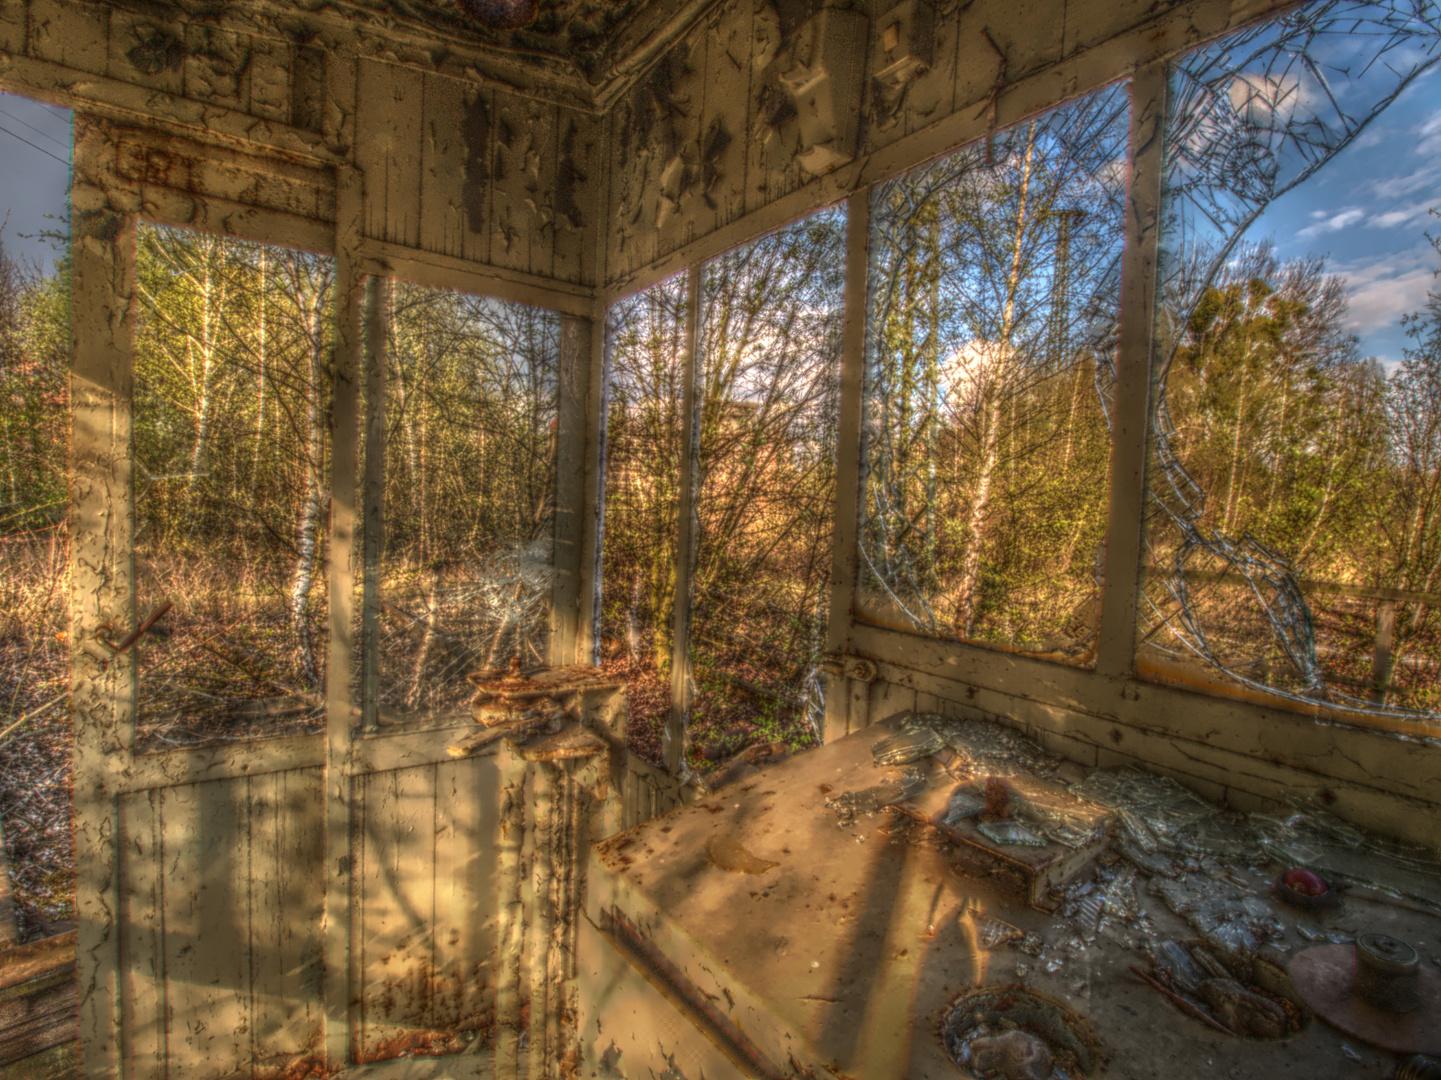 Geisterhaus oder Geisterwald?